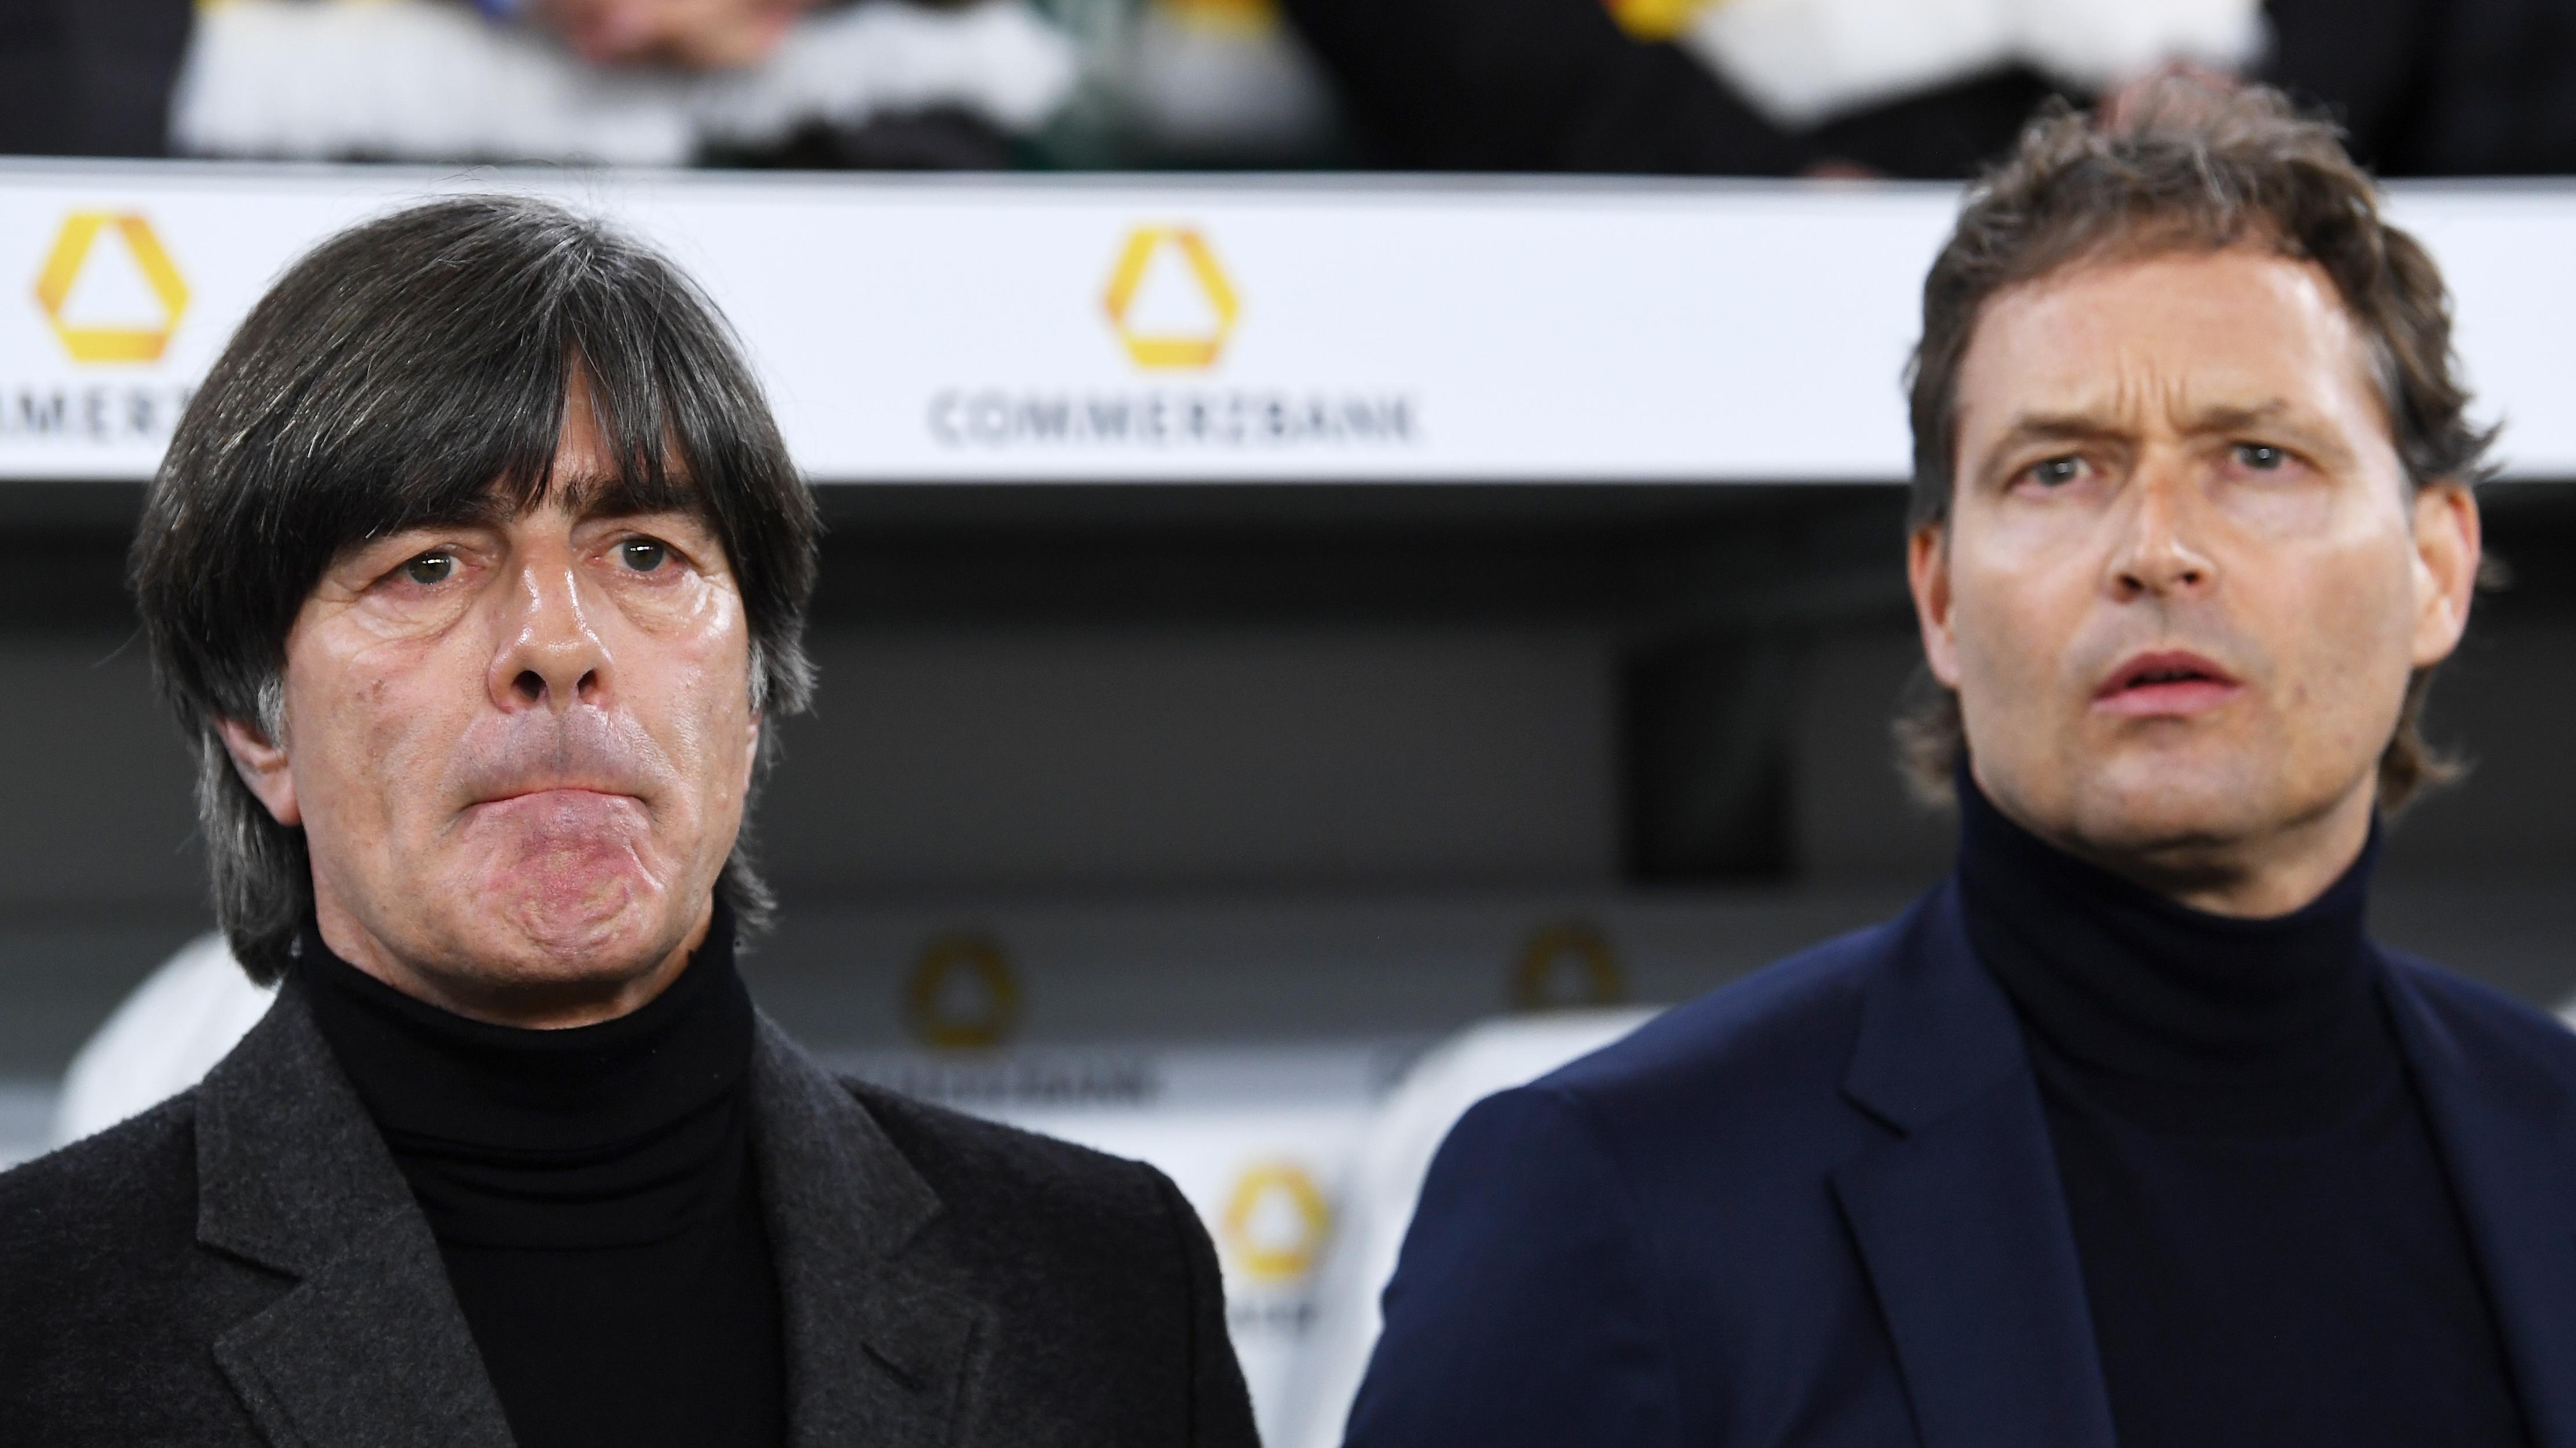 Bundestrainer Joachim Löw und sein Assistent Marcus Sorg